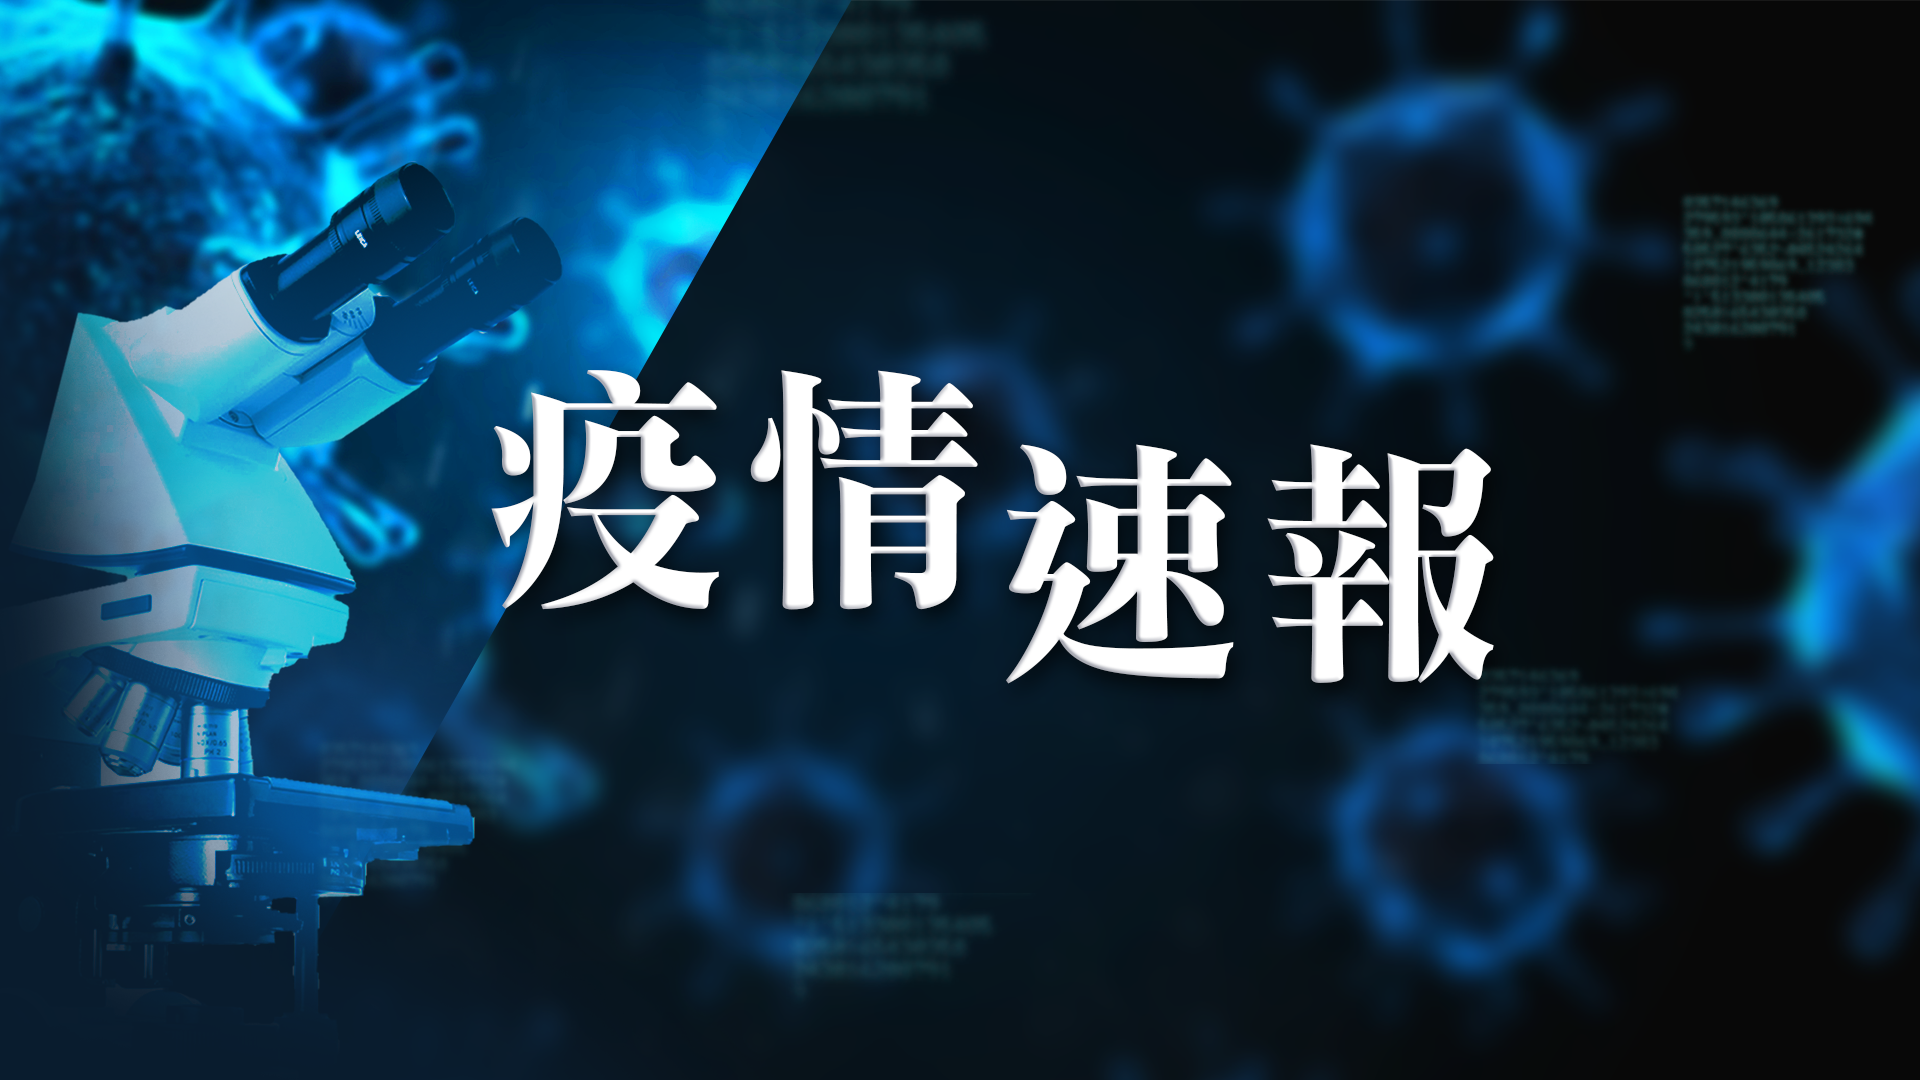 【7月7日疫情速報】(23:55)